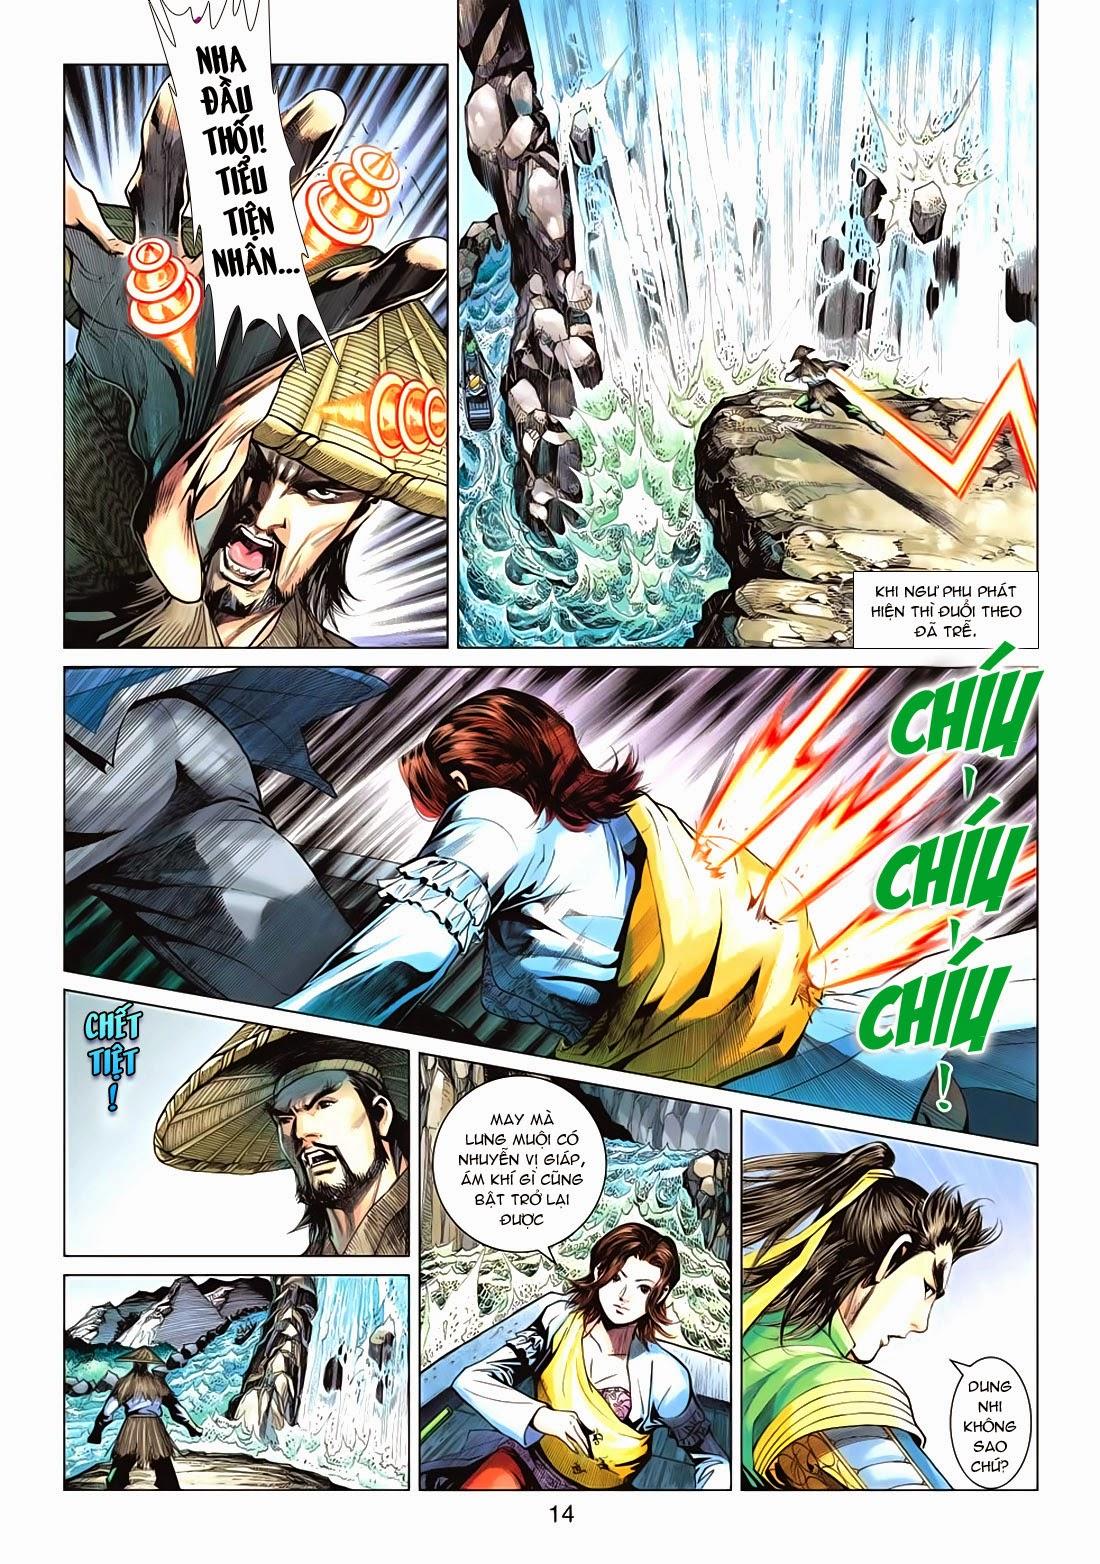 Anh Hùng Xạ Điêu anh hùng xạ đêu chap 72: ngư tiều canh độc trang 14